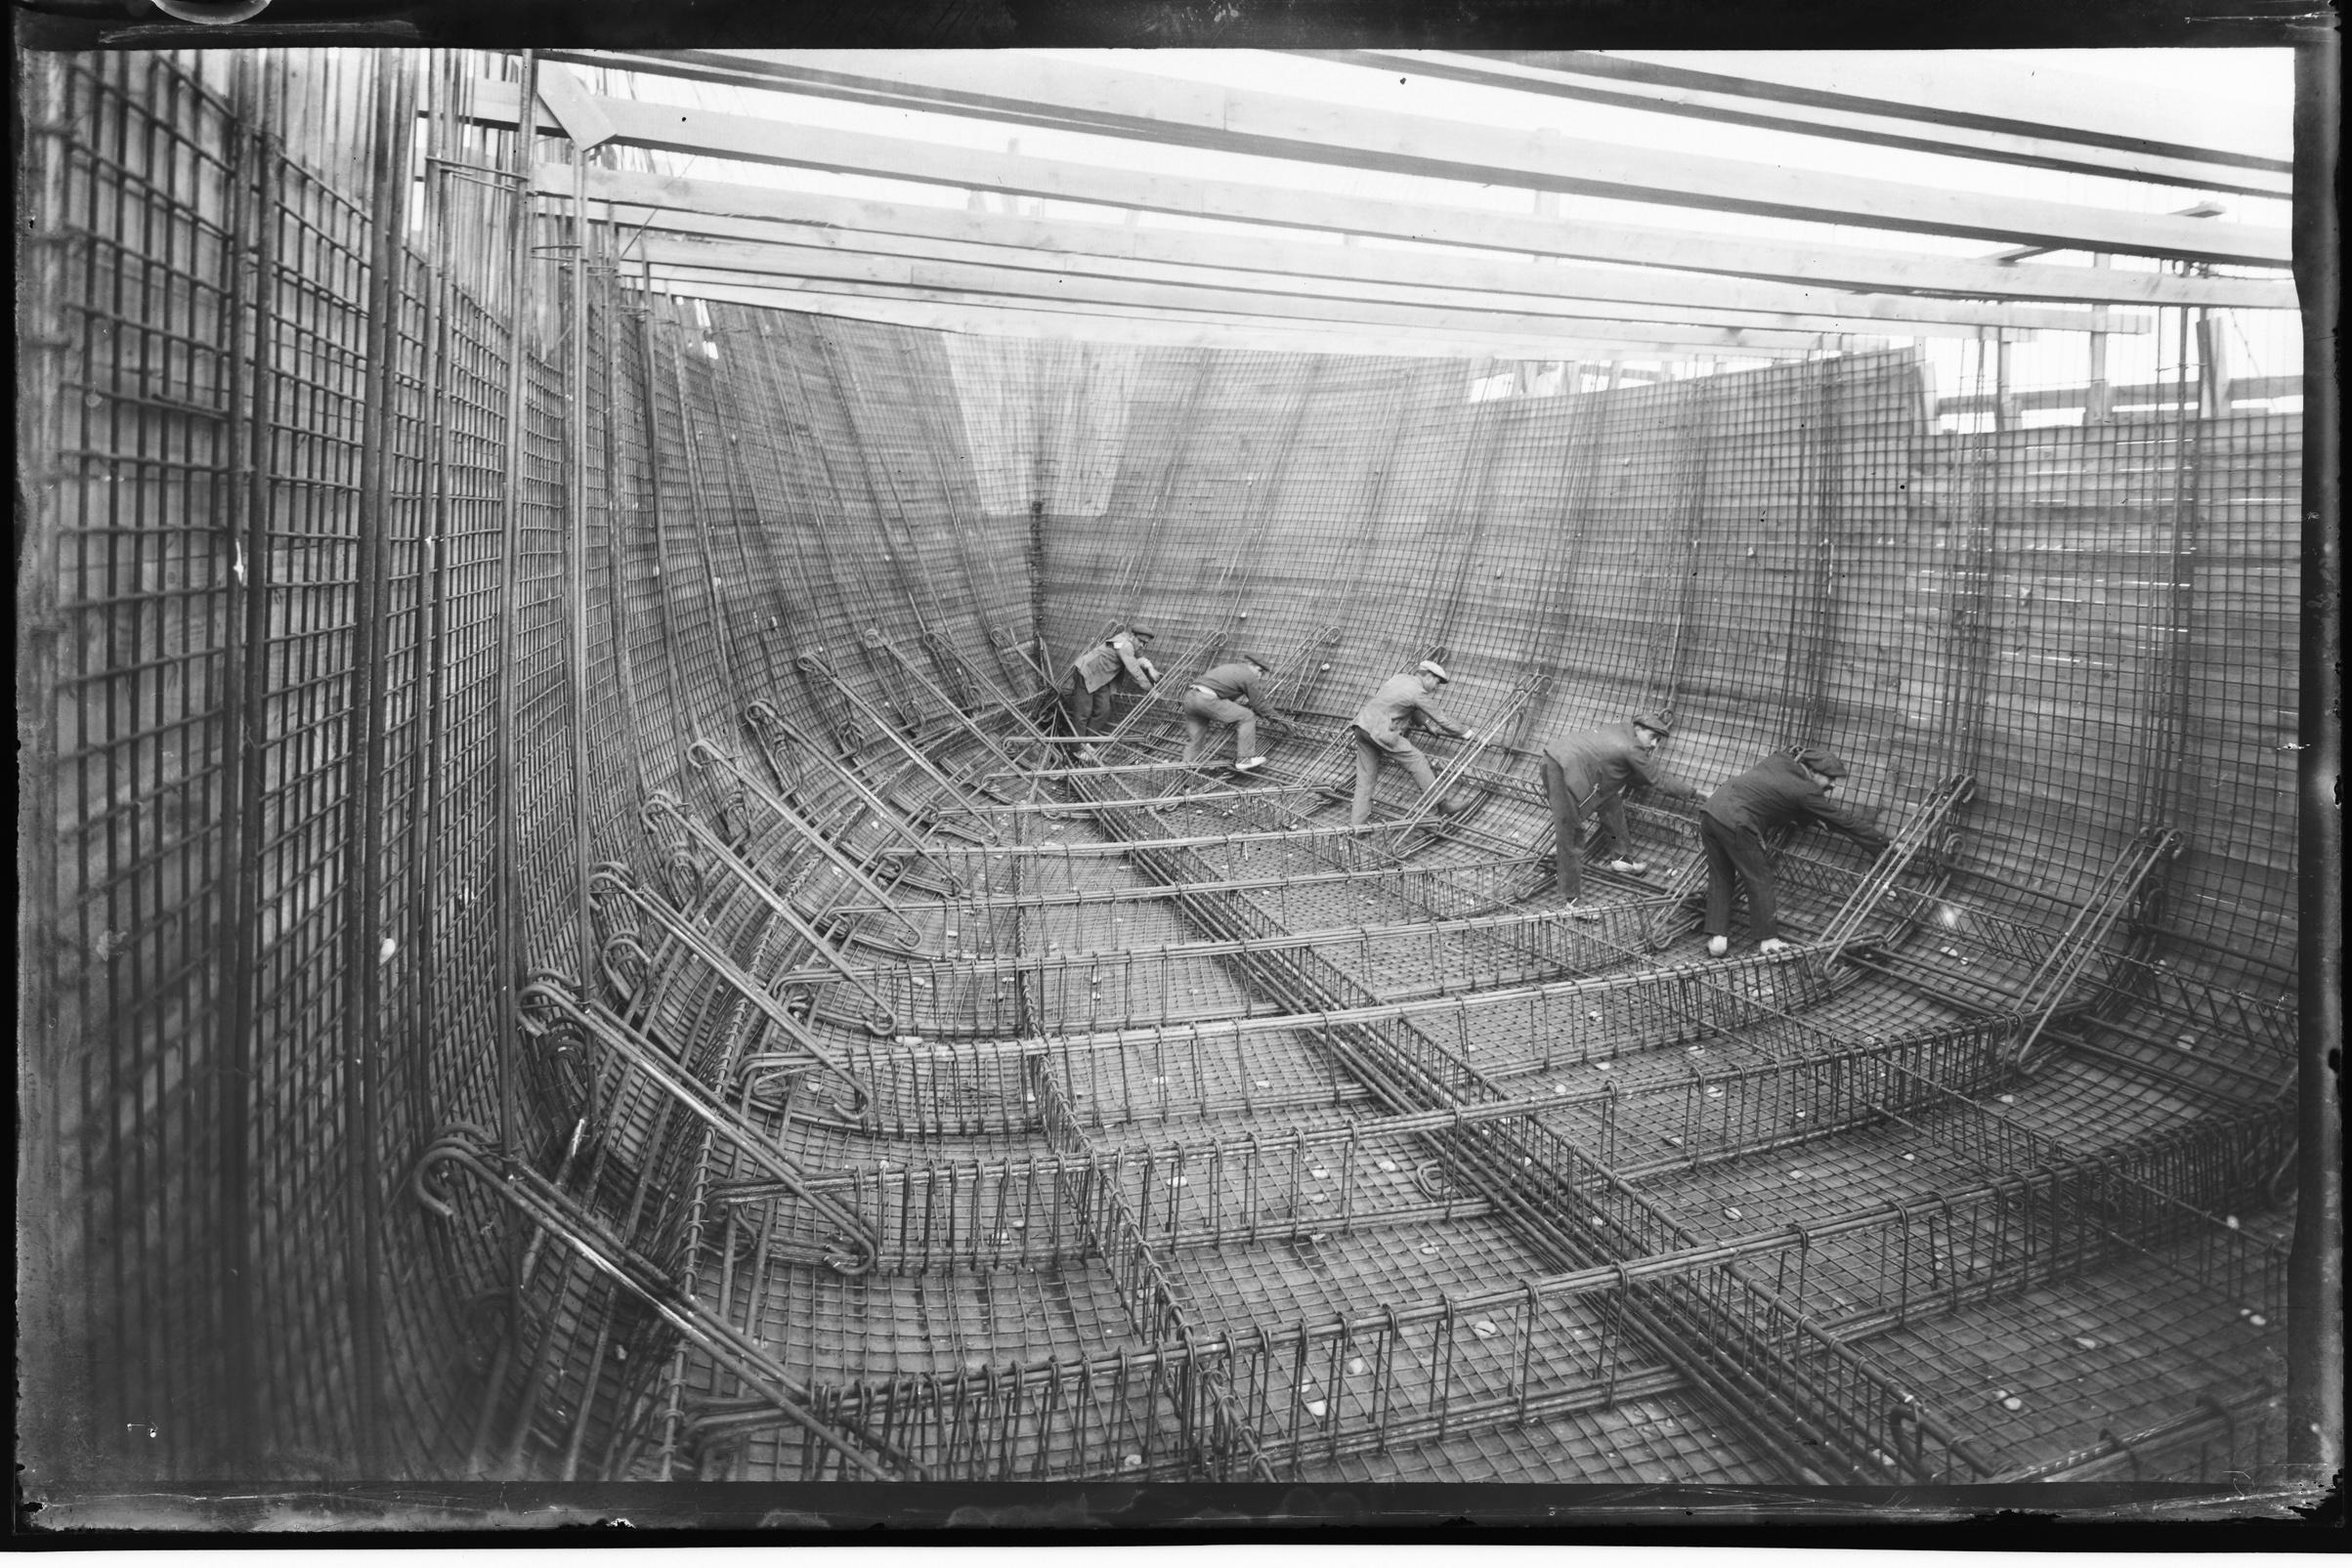 Construcción del Mirotres, primer barco de cemento armado fabricado en España. Astilleros de Malgrat de Mar. c.1917.jpg © Fondo BRANGULÍ, ANC